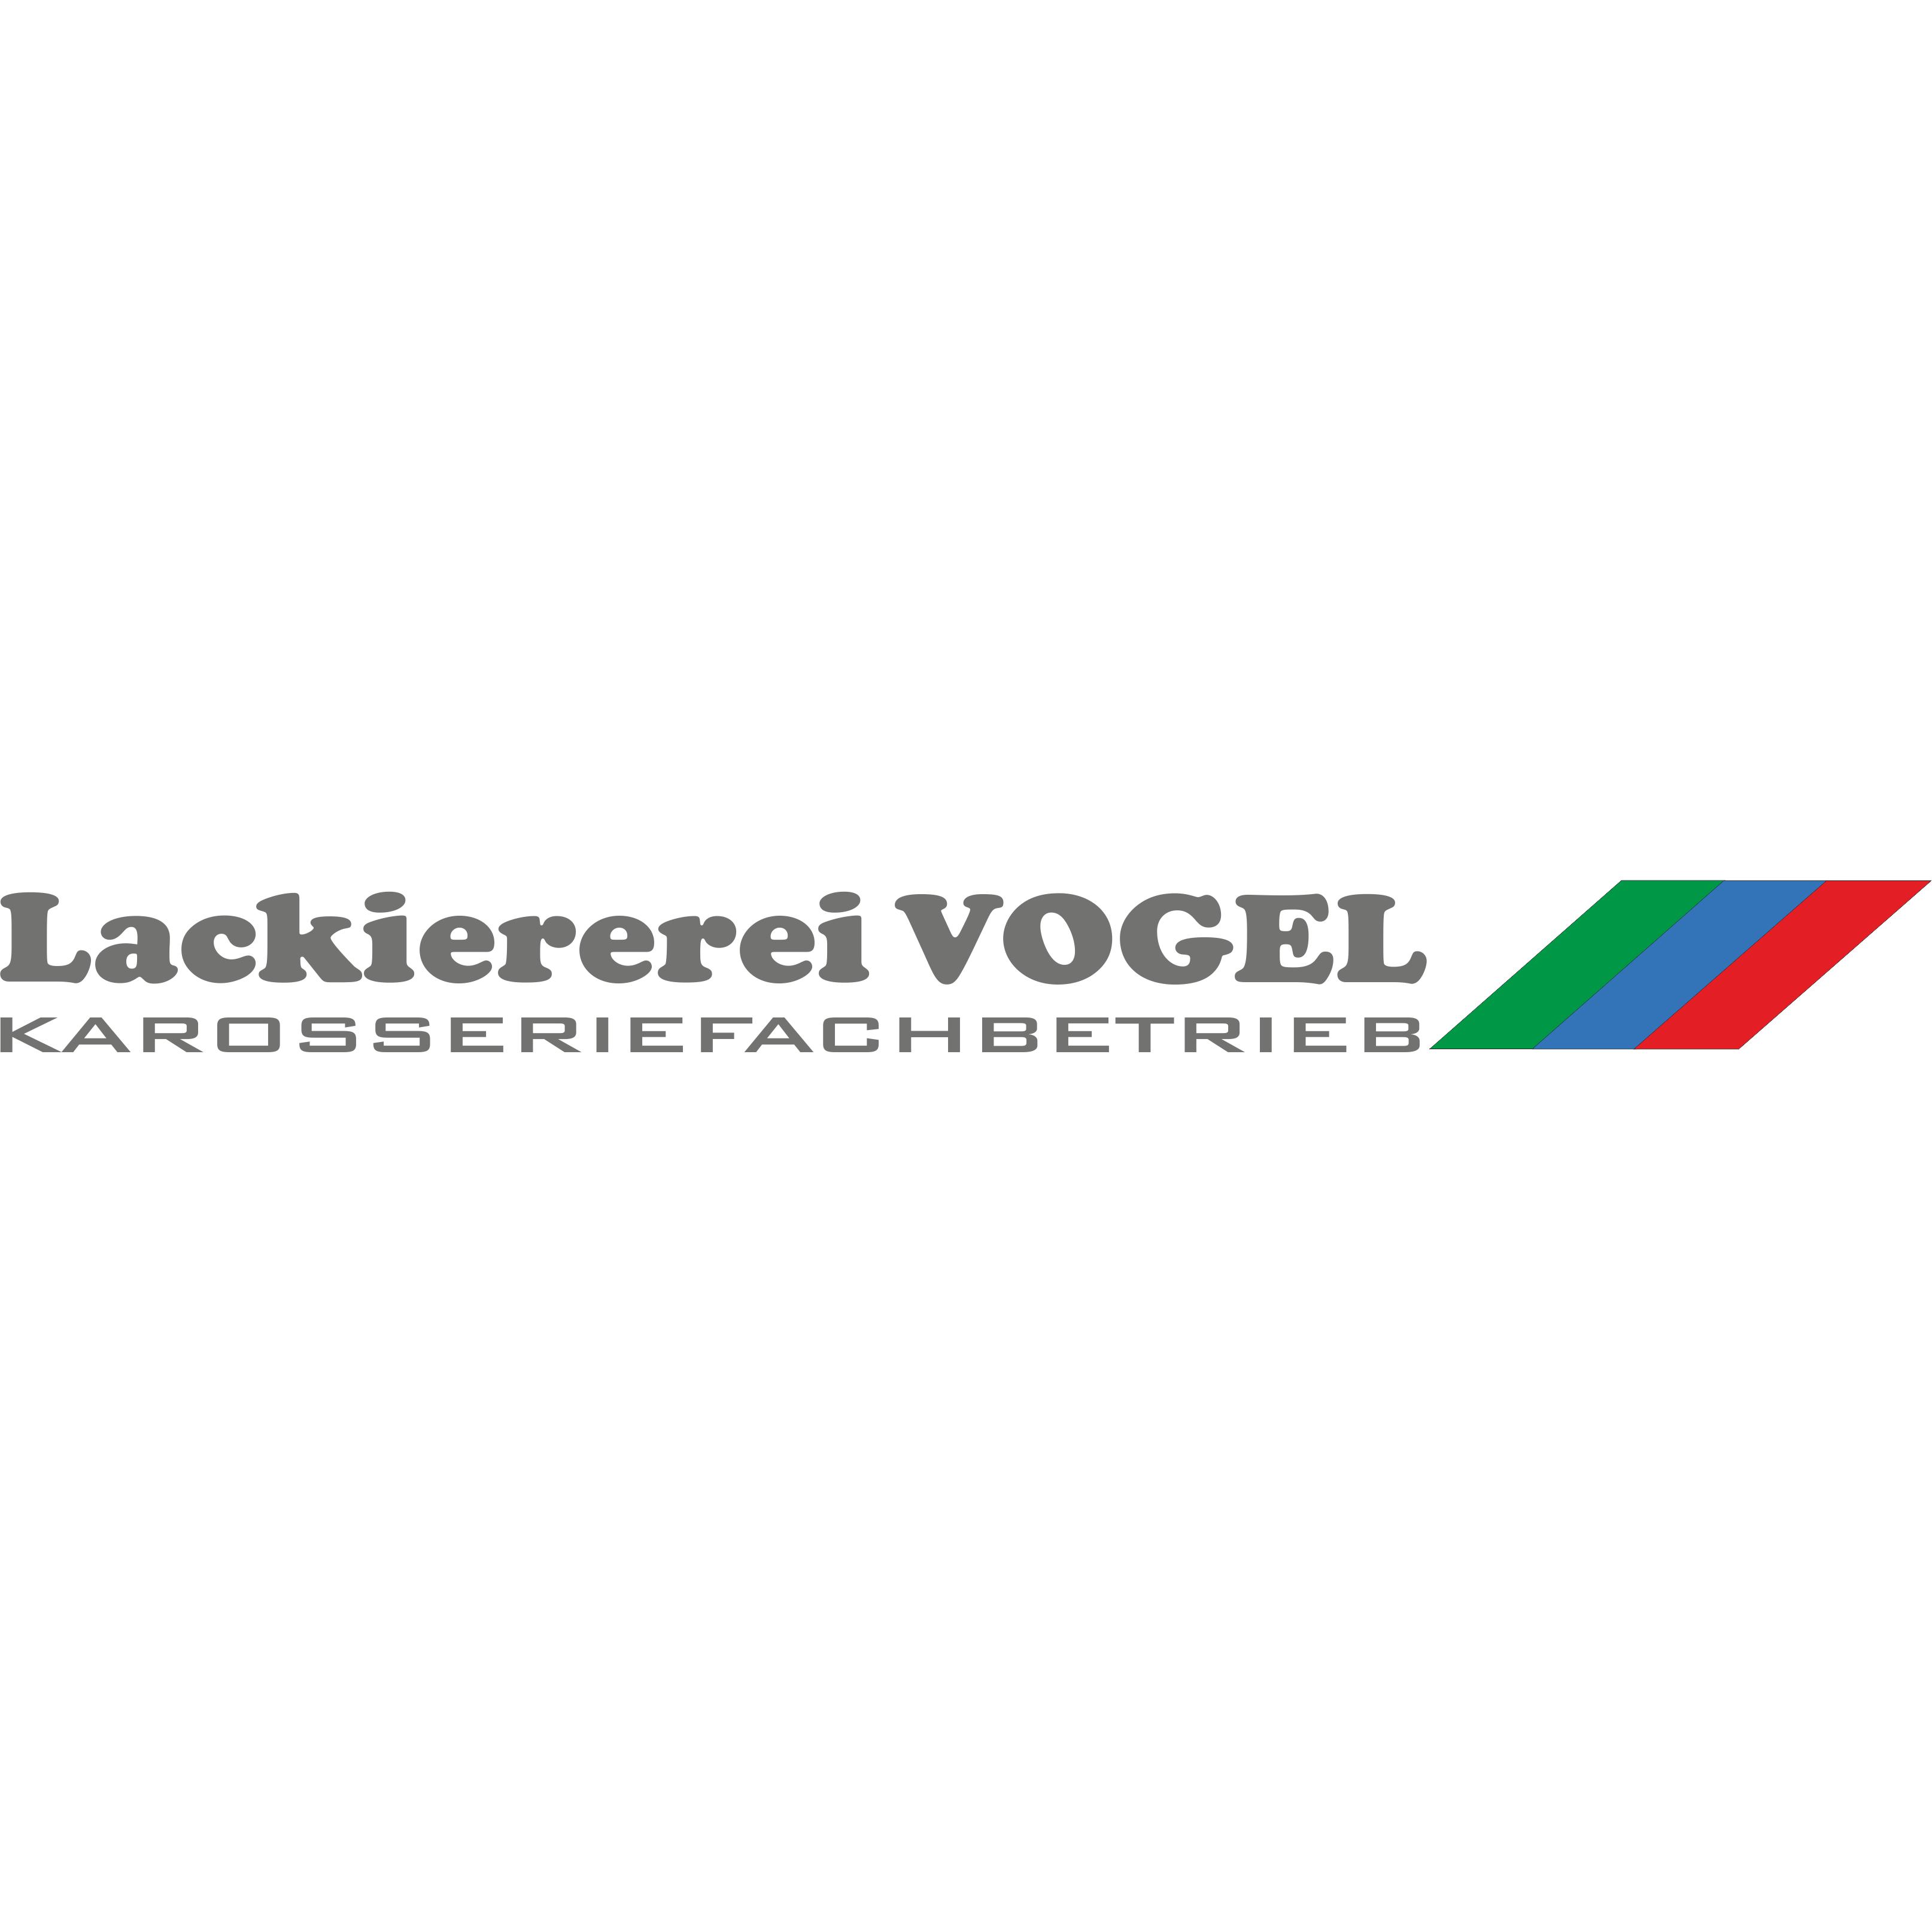 Logo von Lackiererei Vogel Karosseriefachbetrieb